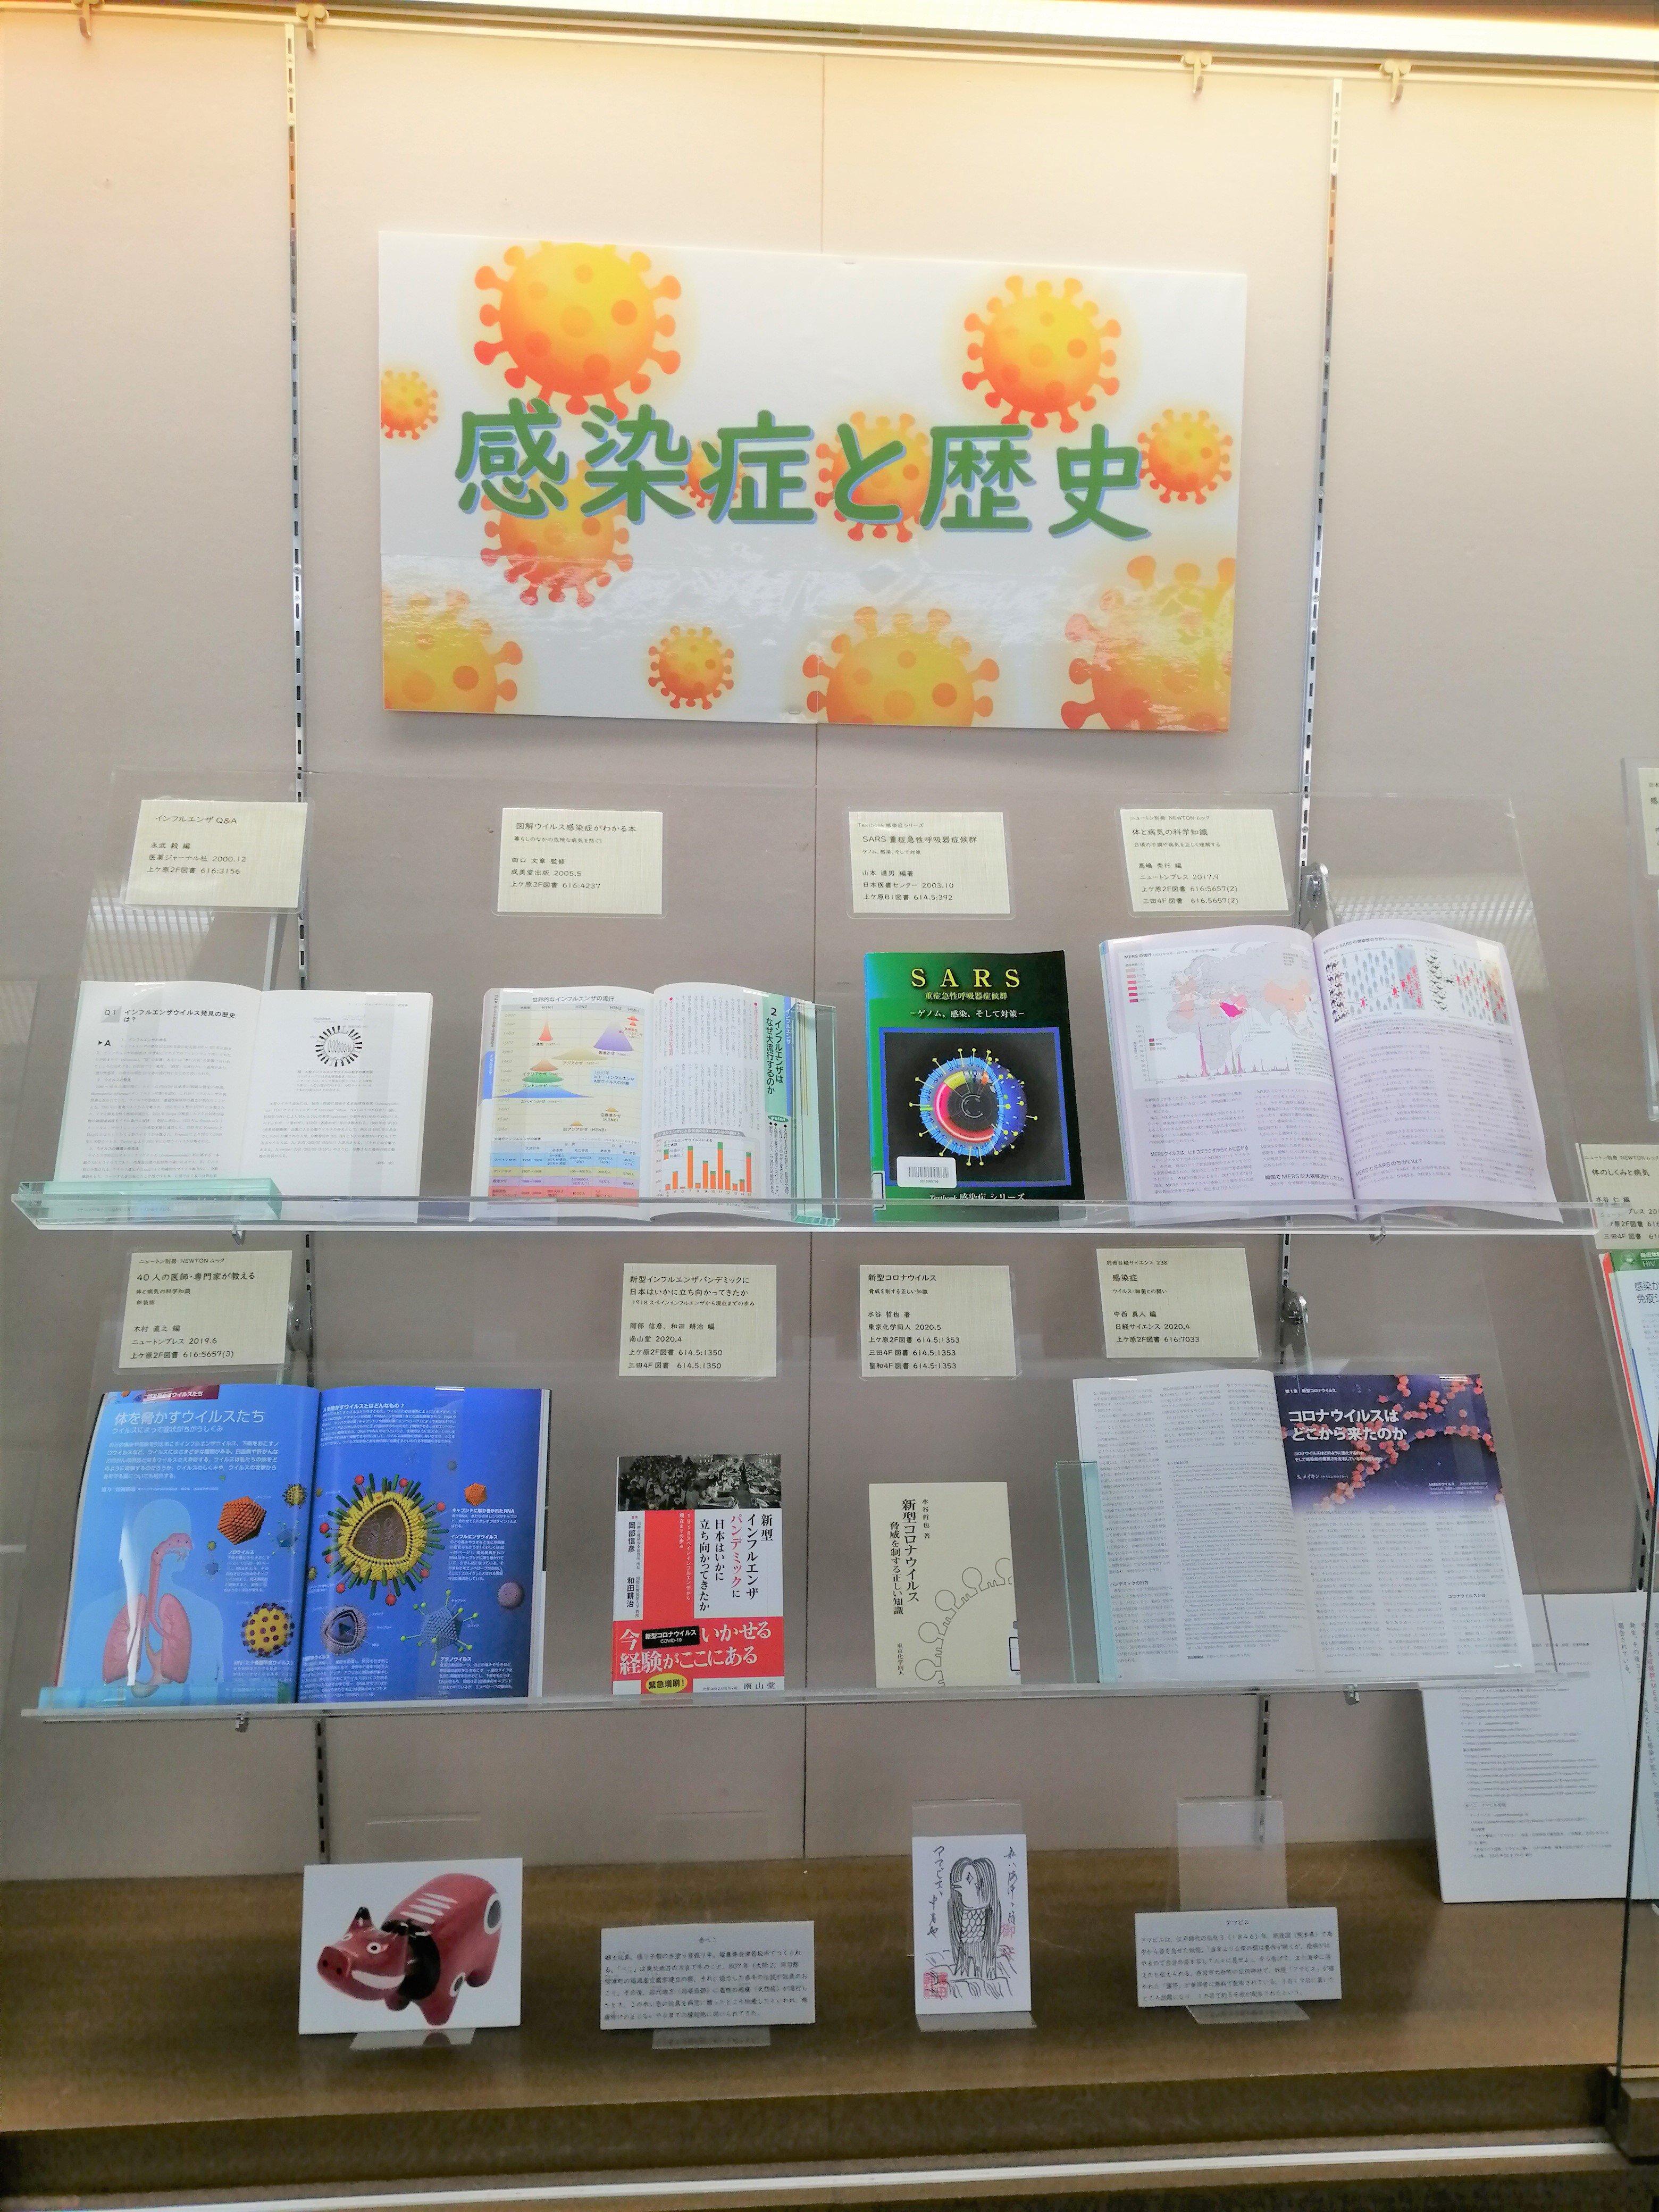 企画展示「感染症と歴史」開催中!